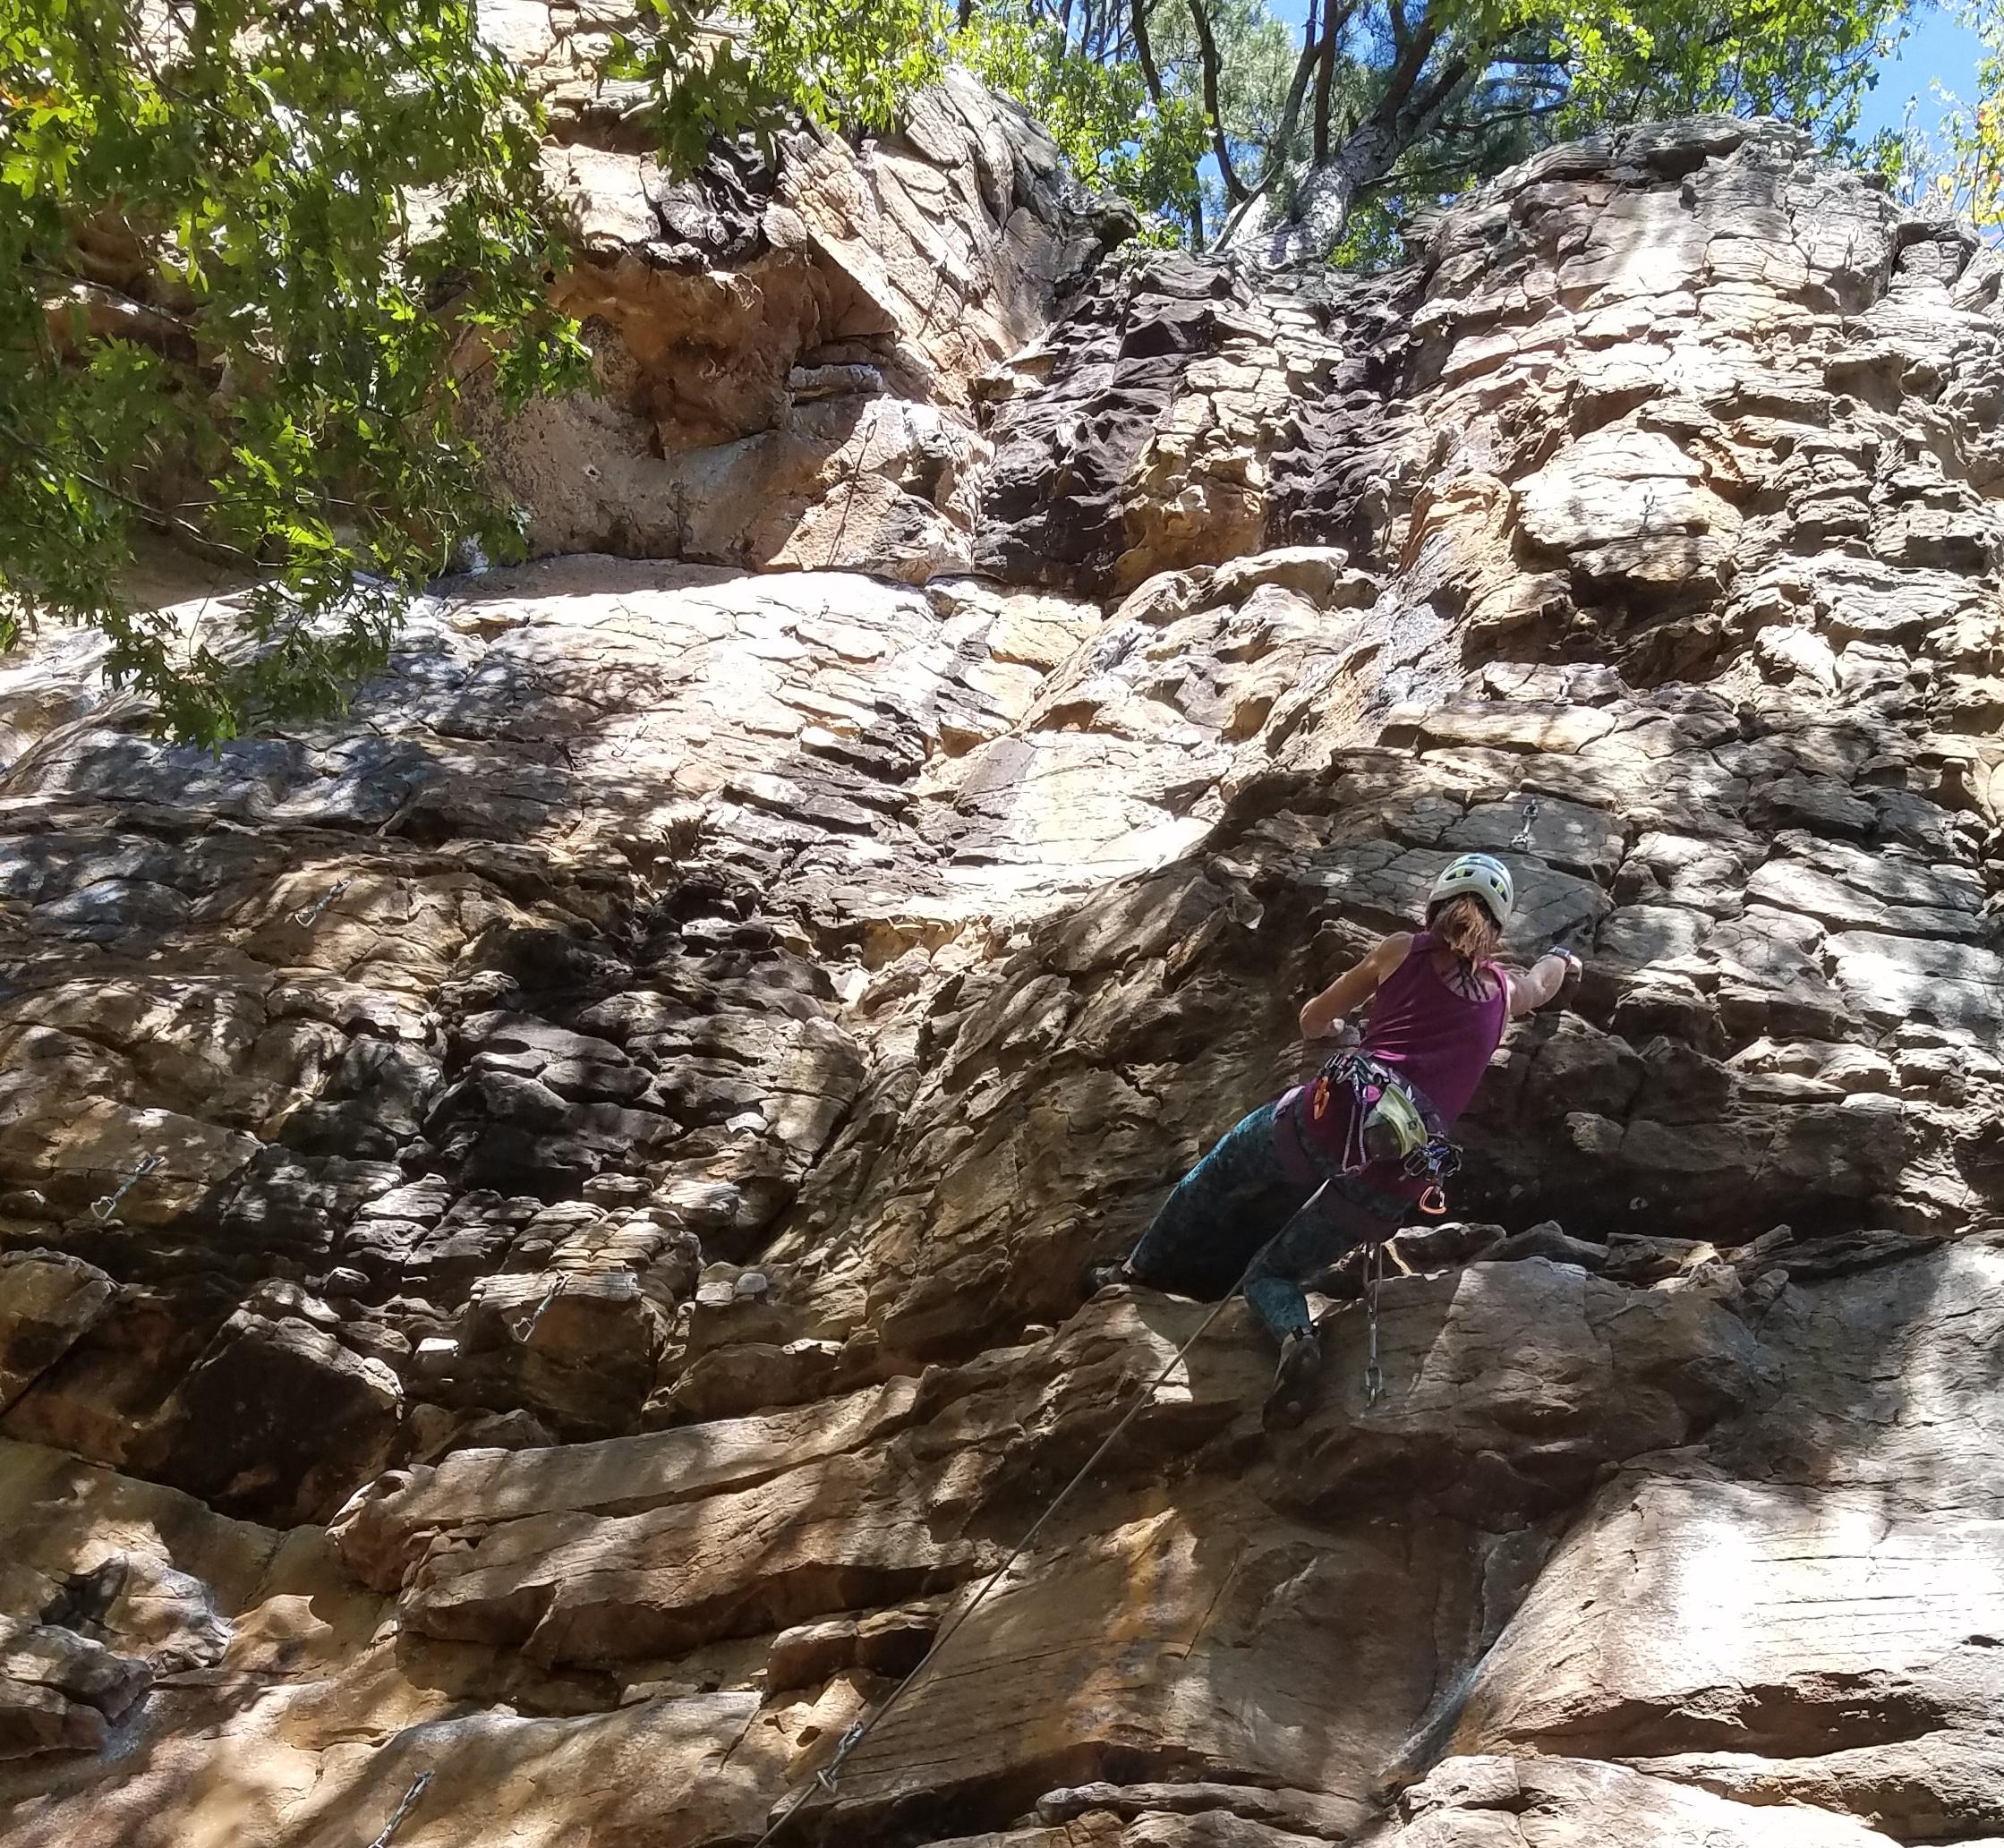 Rock Climbing in Horseshoe Canyon Ranch